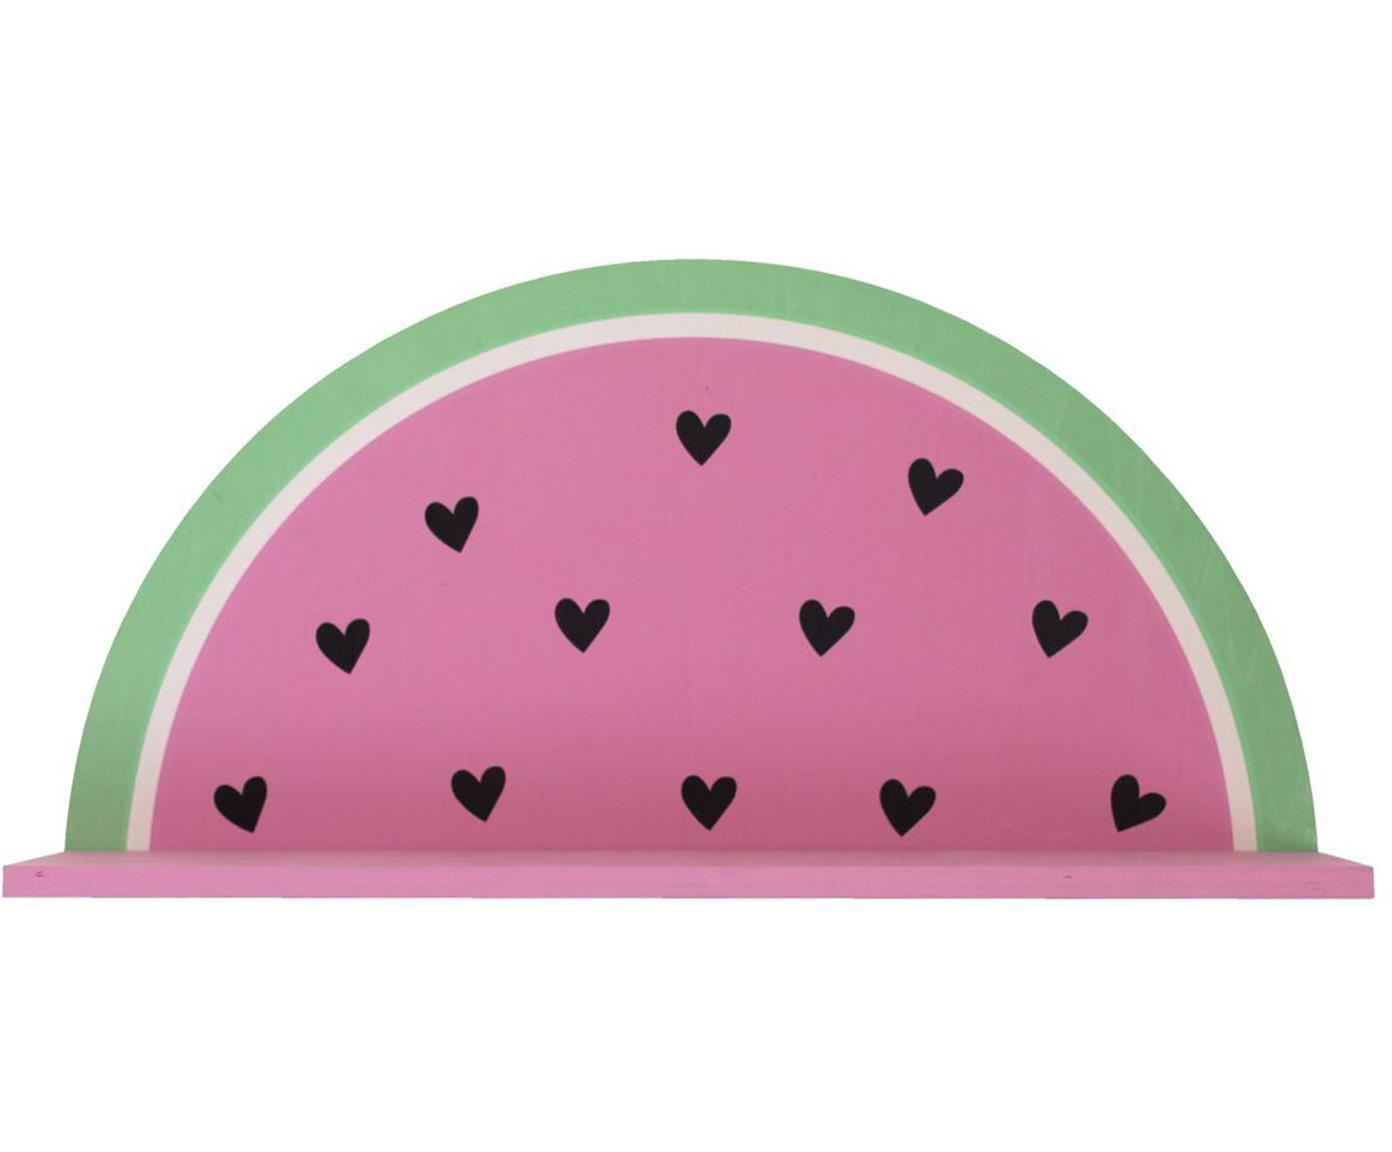 Estante de pared Watermelon, Madera, recubierto, Rosa, verde, negro, blanco, An 37 x Al 19 cm